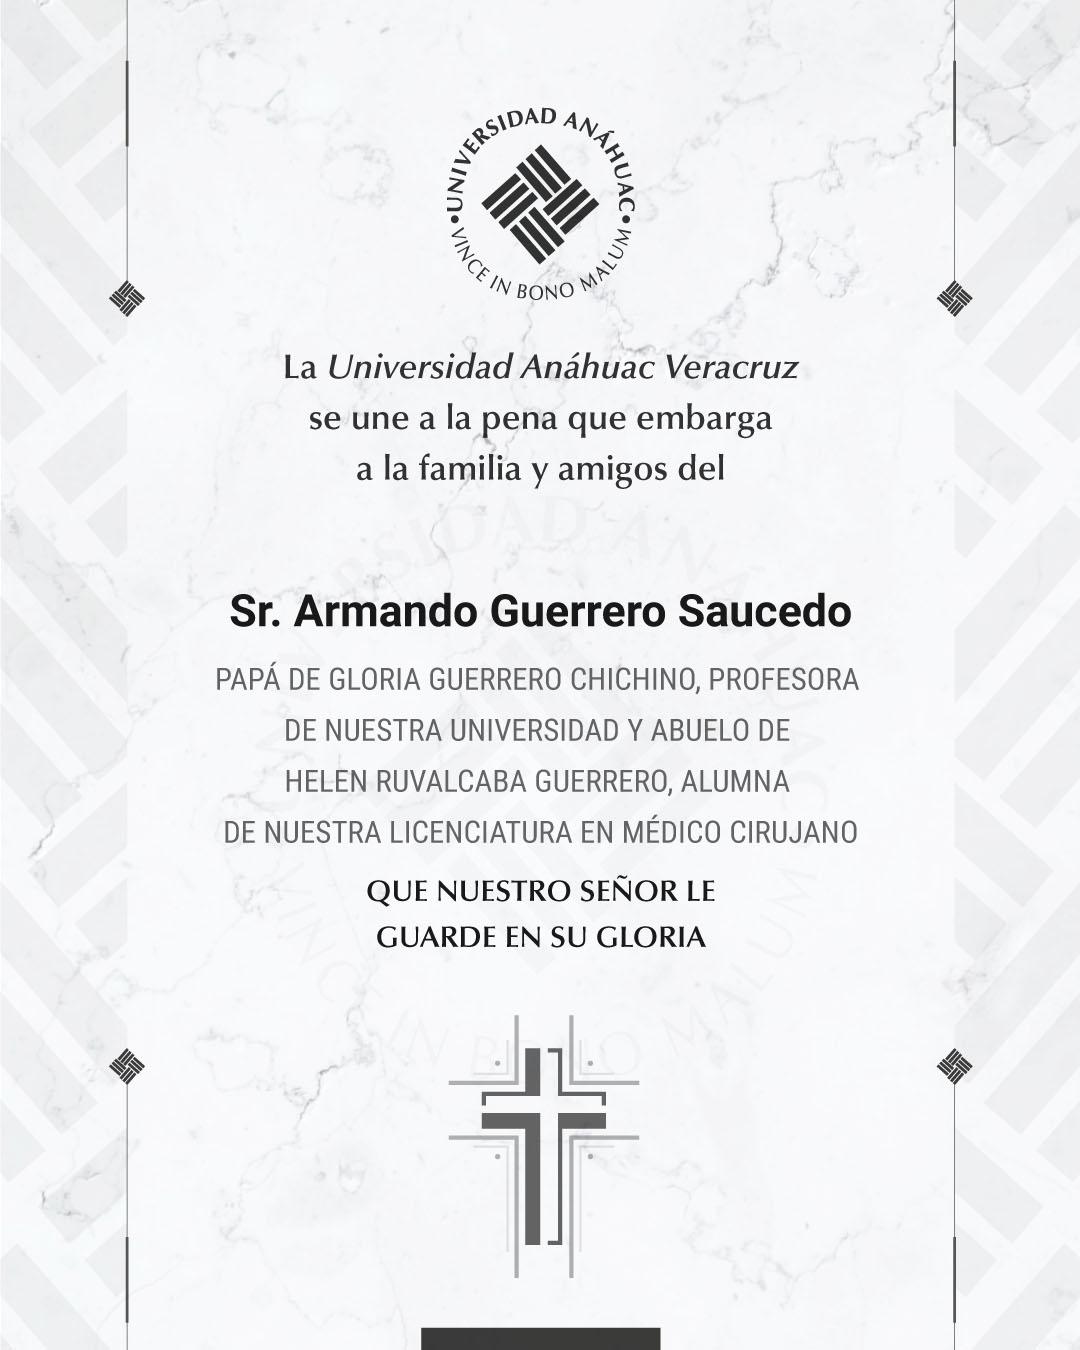 14 / 14 - Sr. Armando Guerrero Saucedo